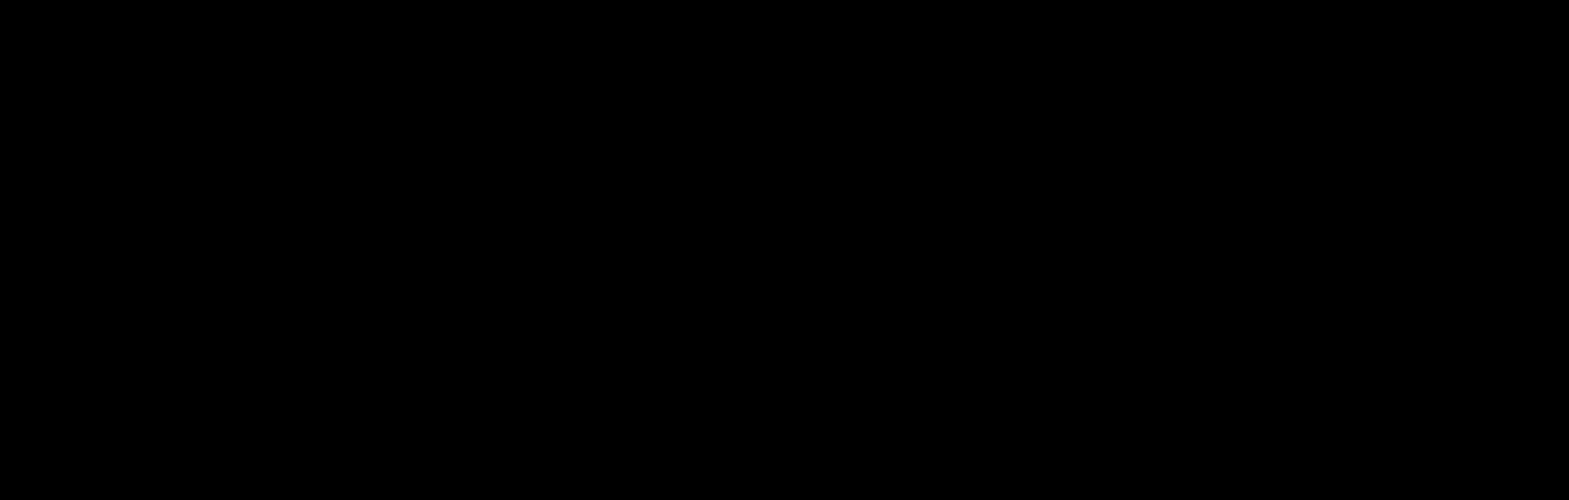 Pandora 印Tee